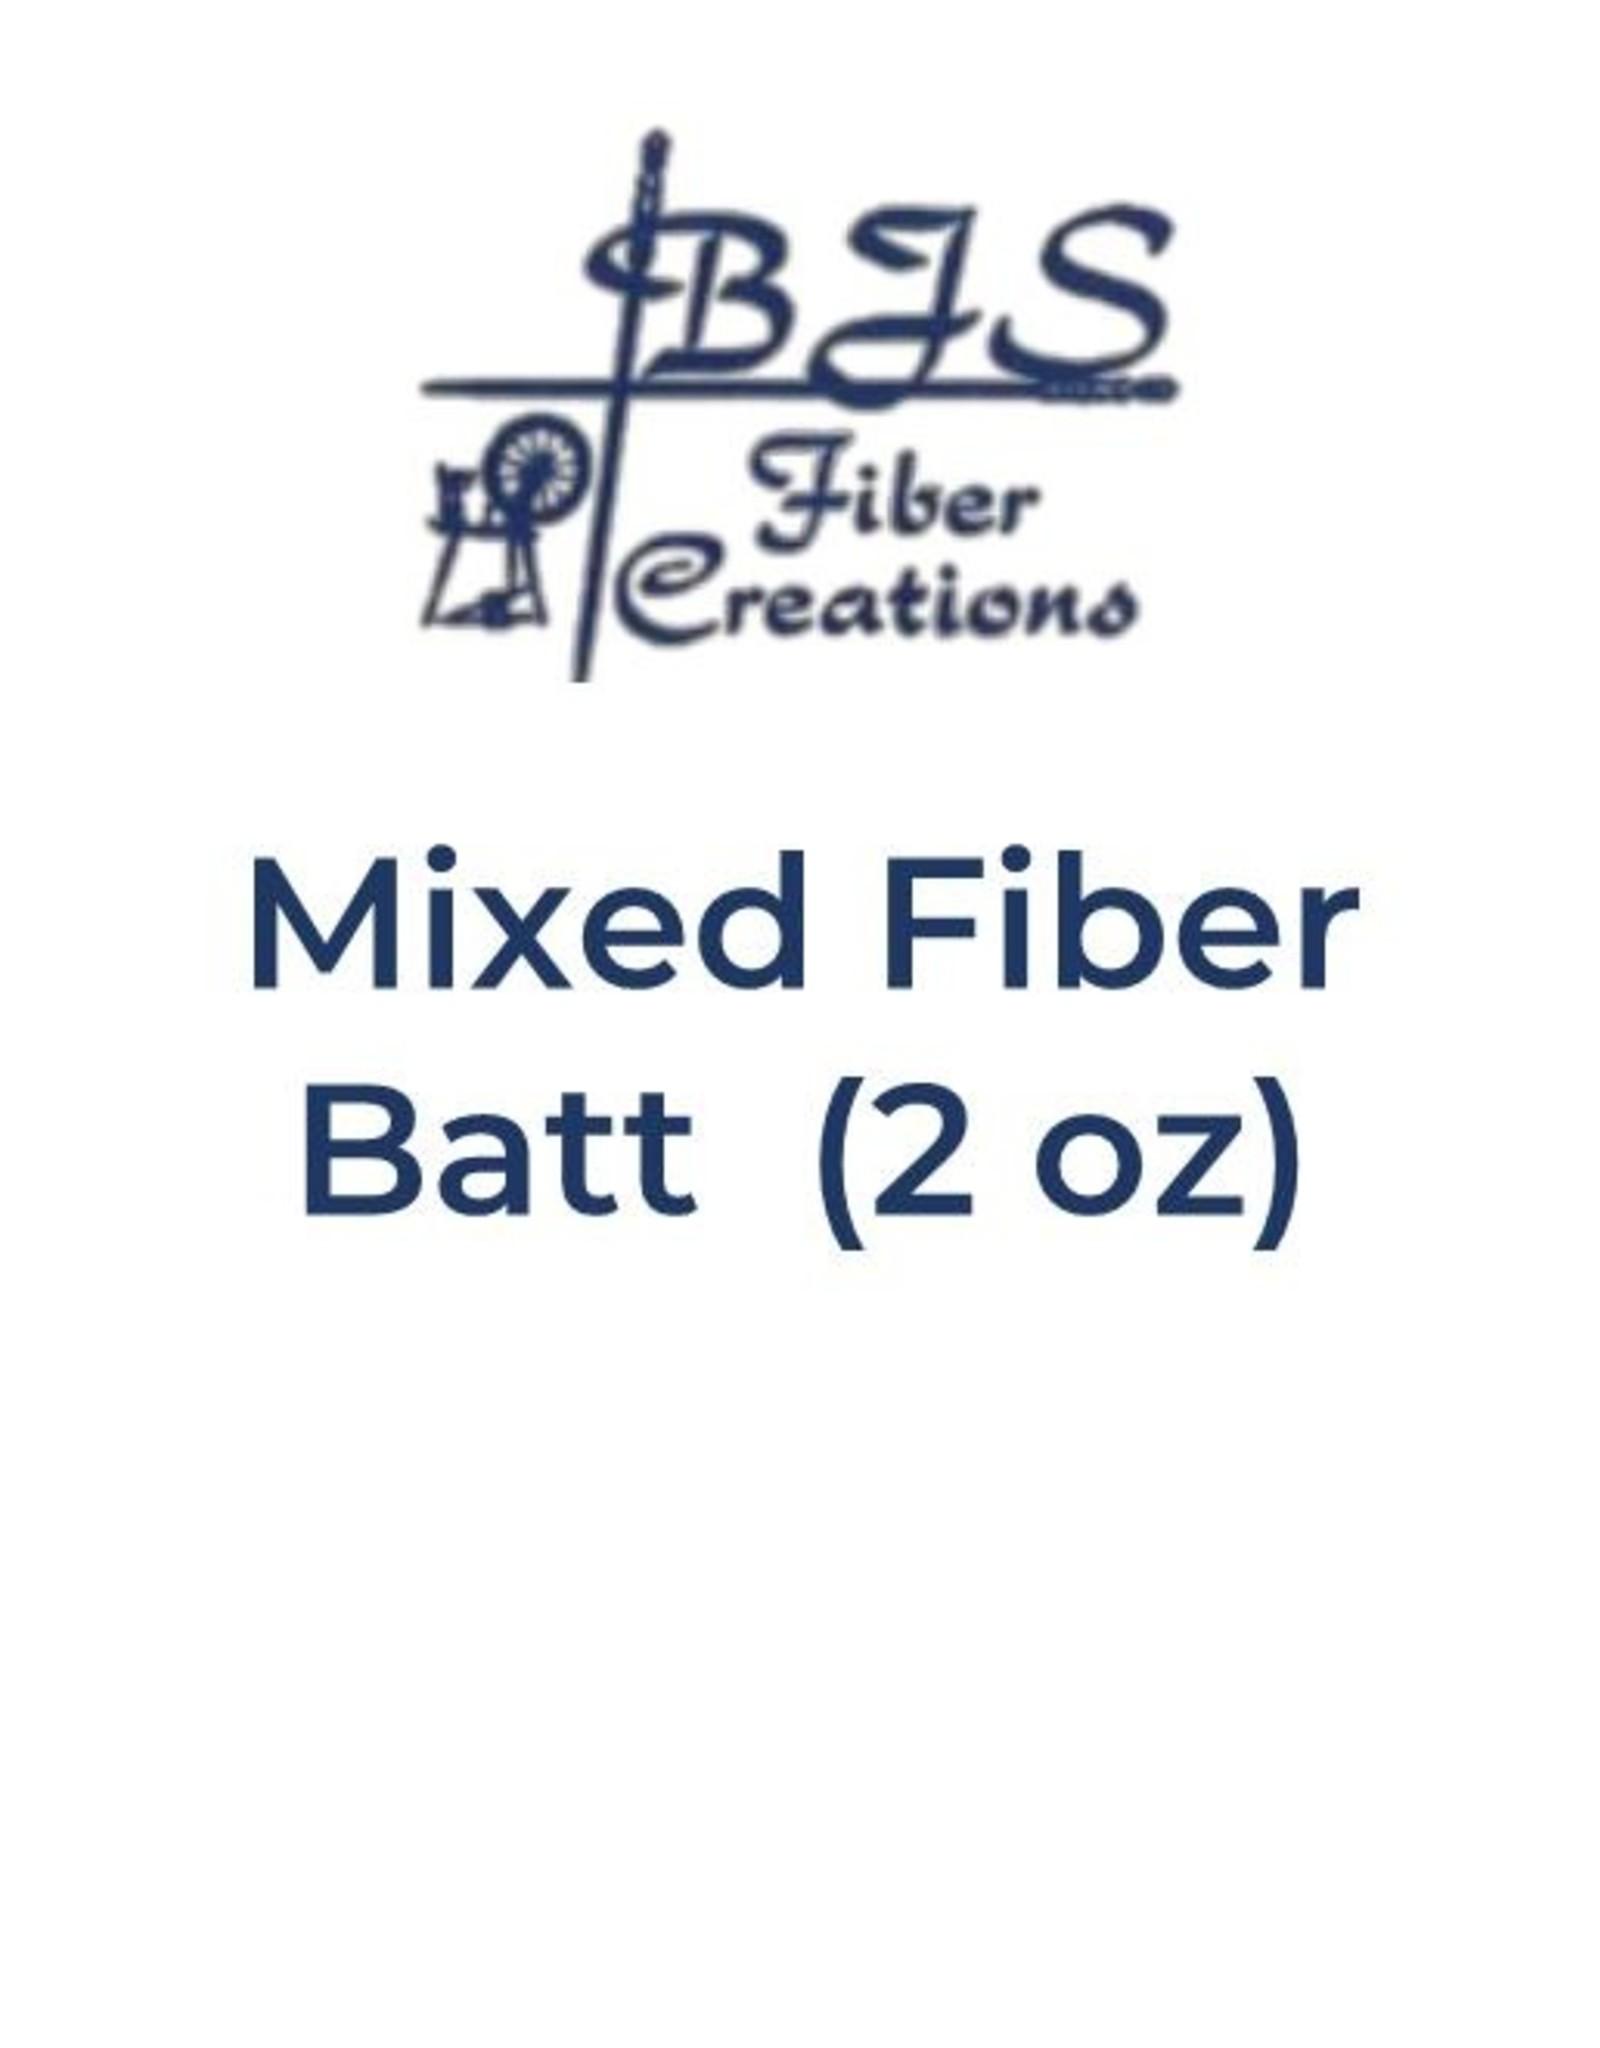 BJS Trunk Show Mixed Fiber Batts (2 oz) BATT #06